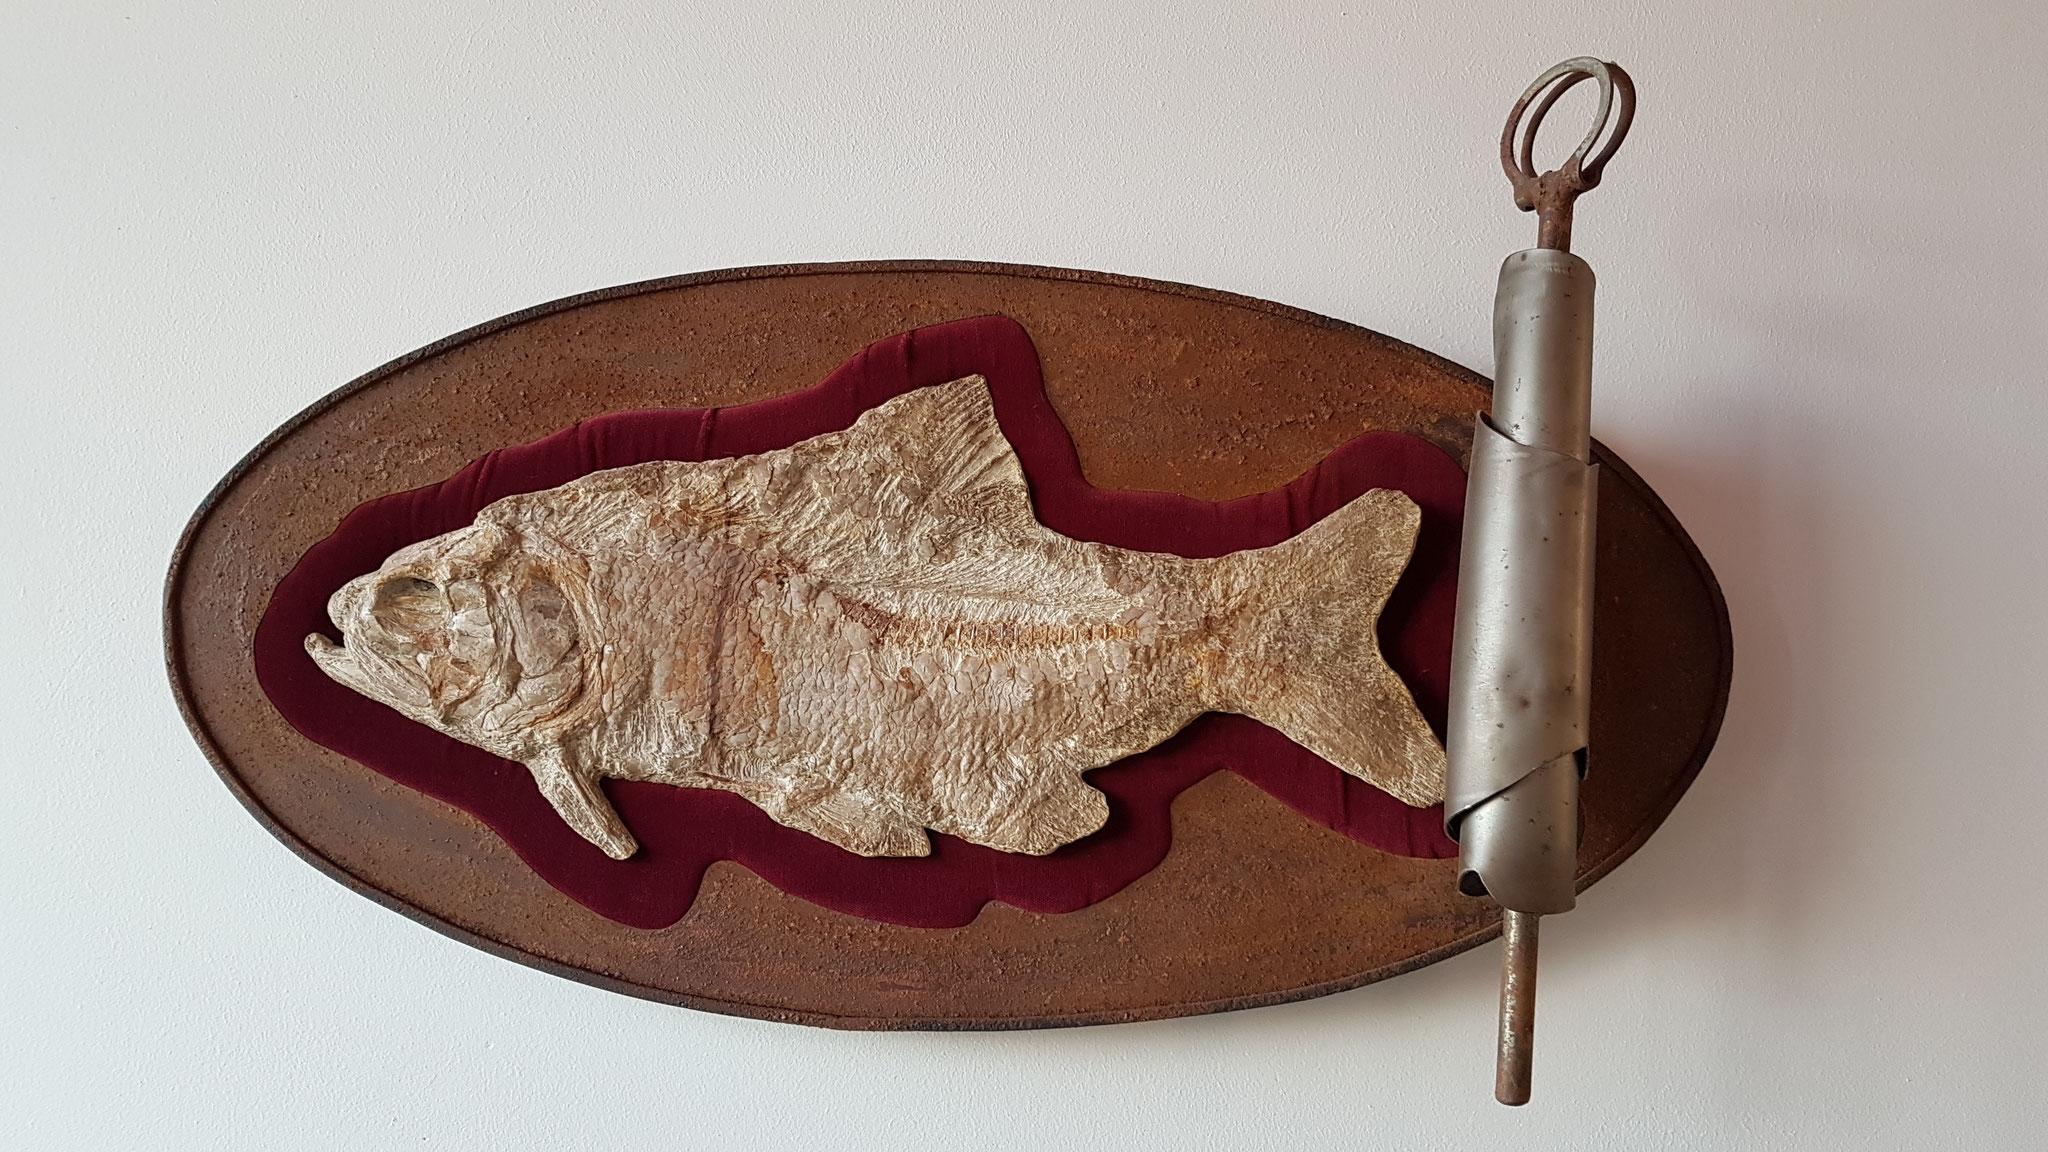 Millionen Jahre alte Sardine?